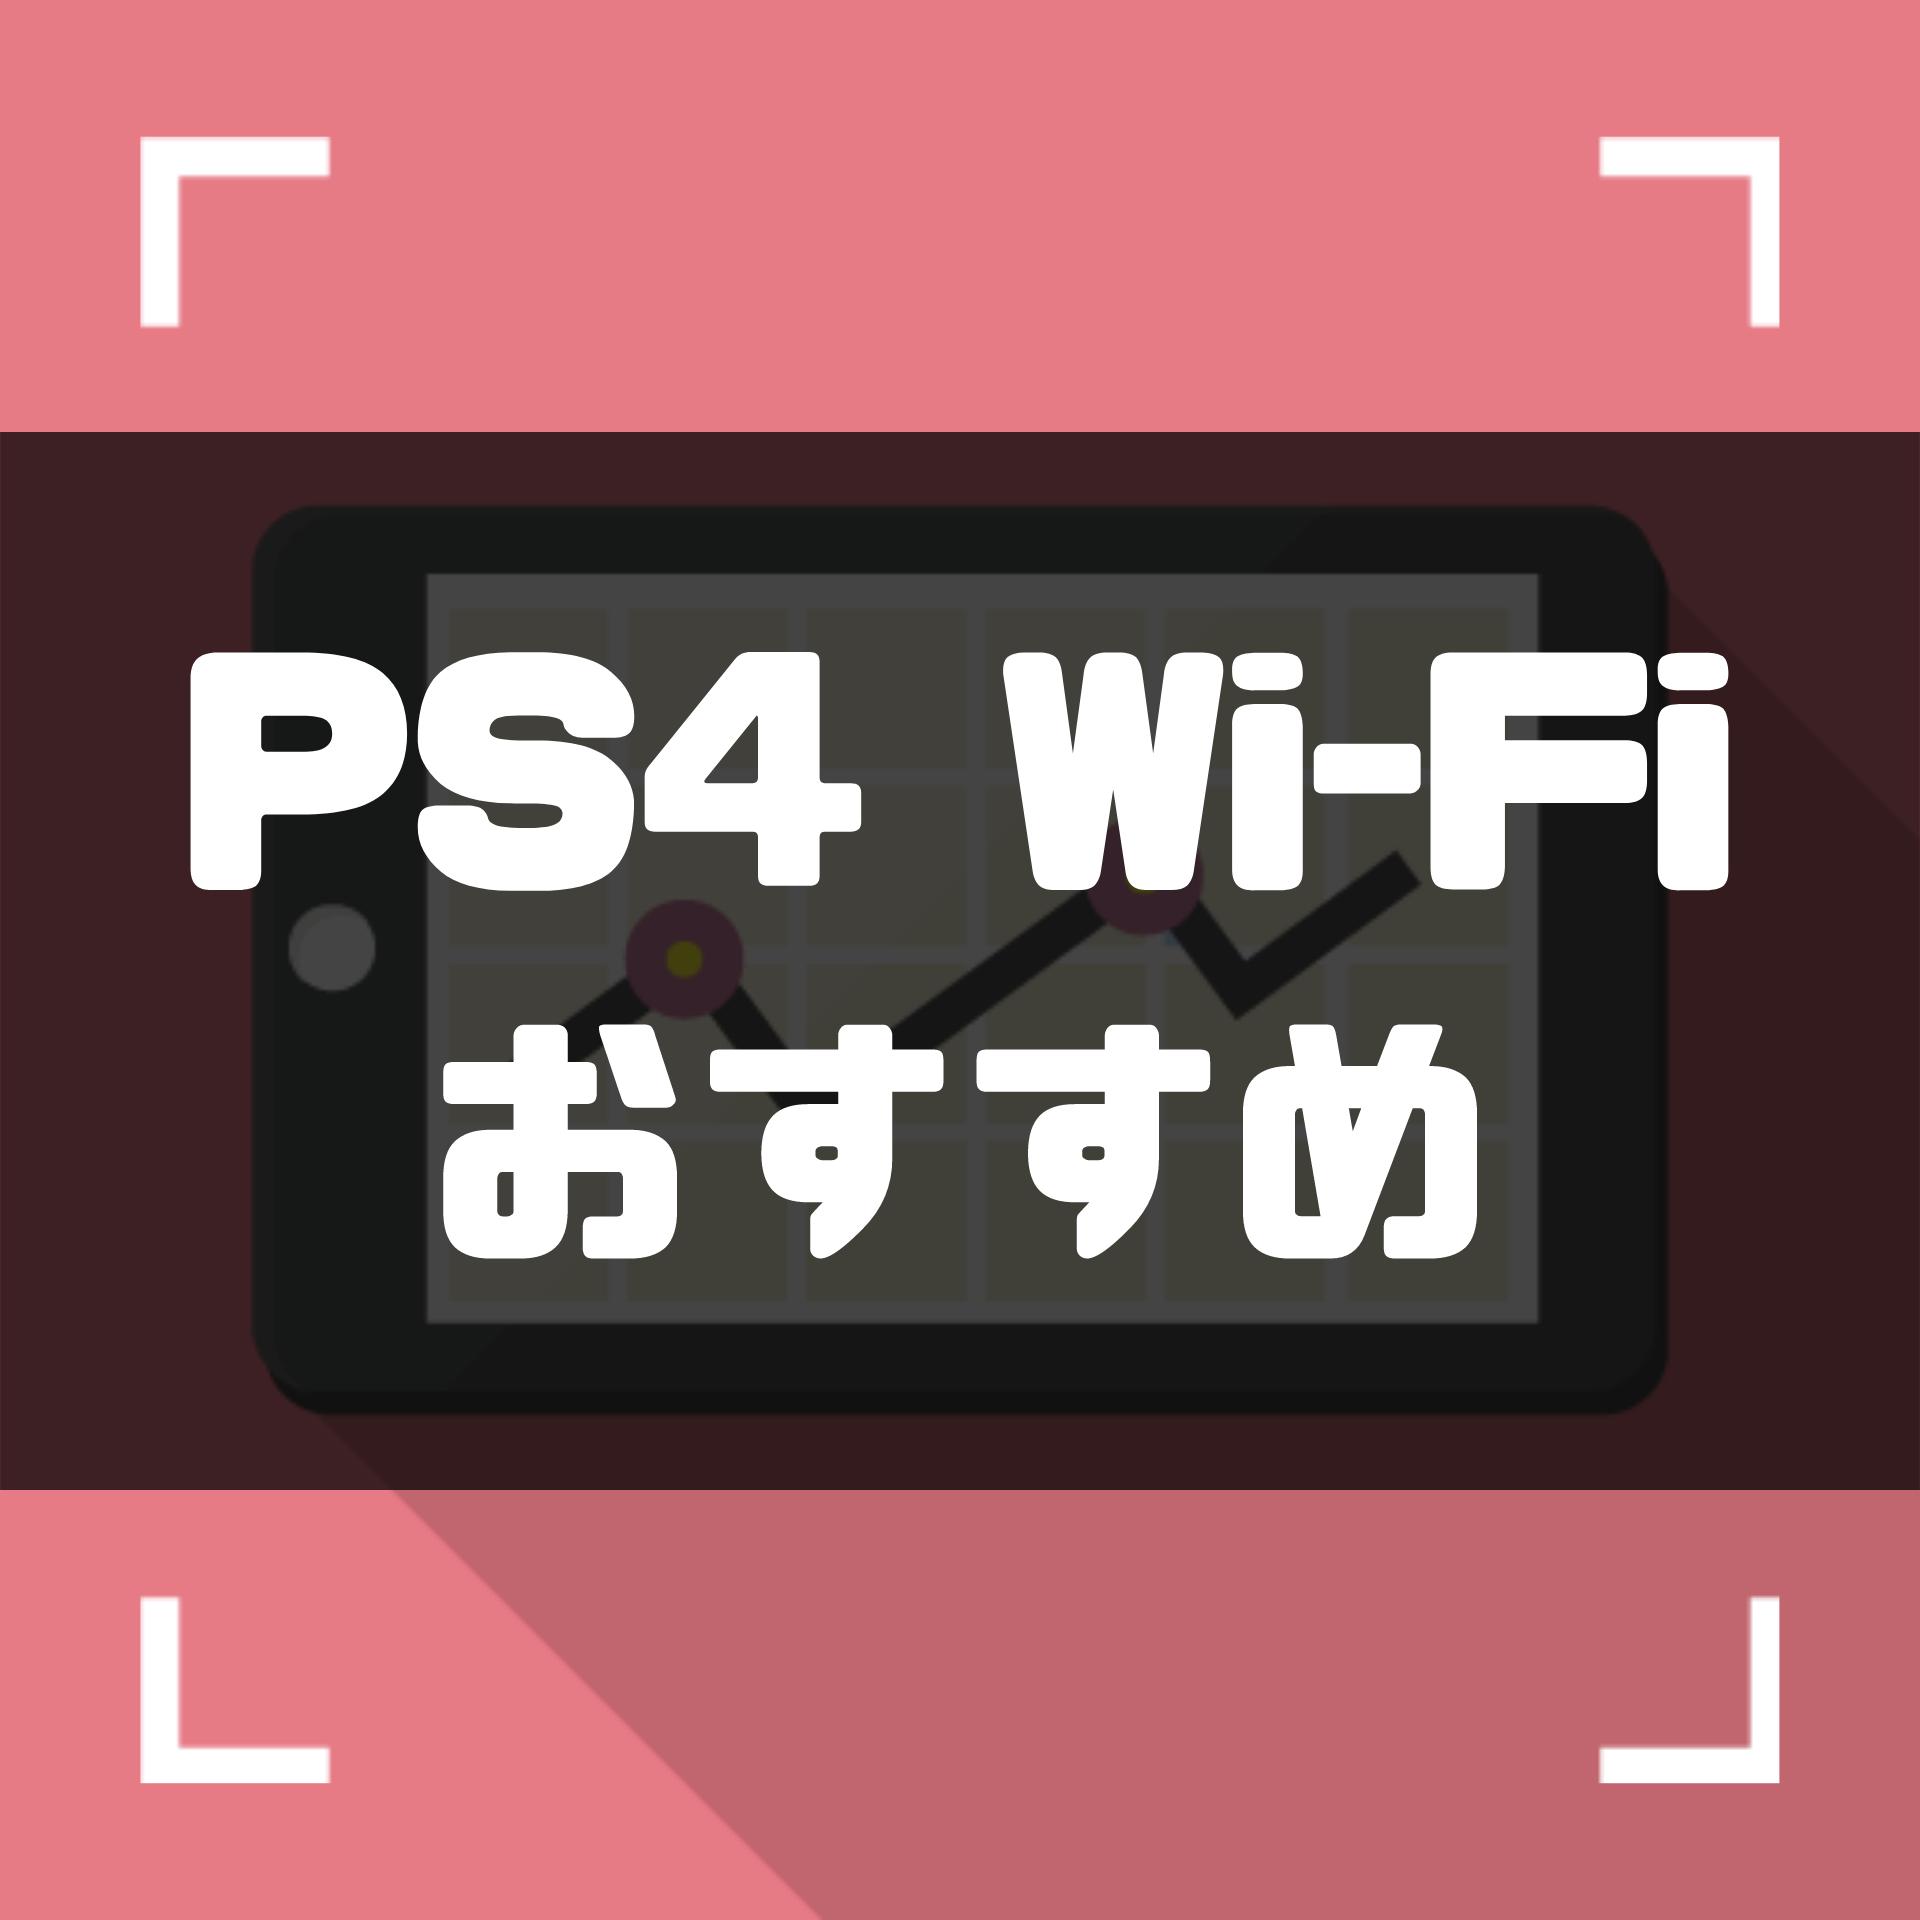 PS4に向いているおすすめのWi-Fiは? プロバイダ10選を徹底比較